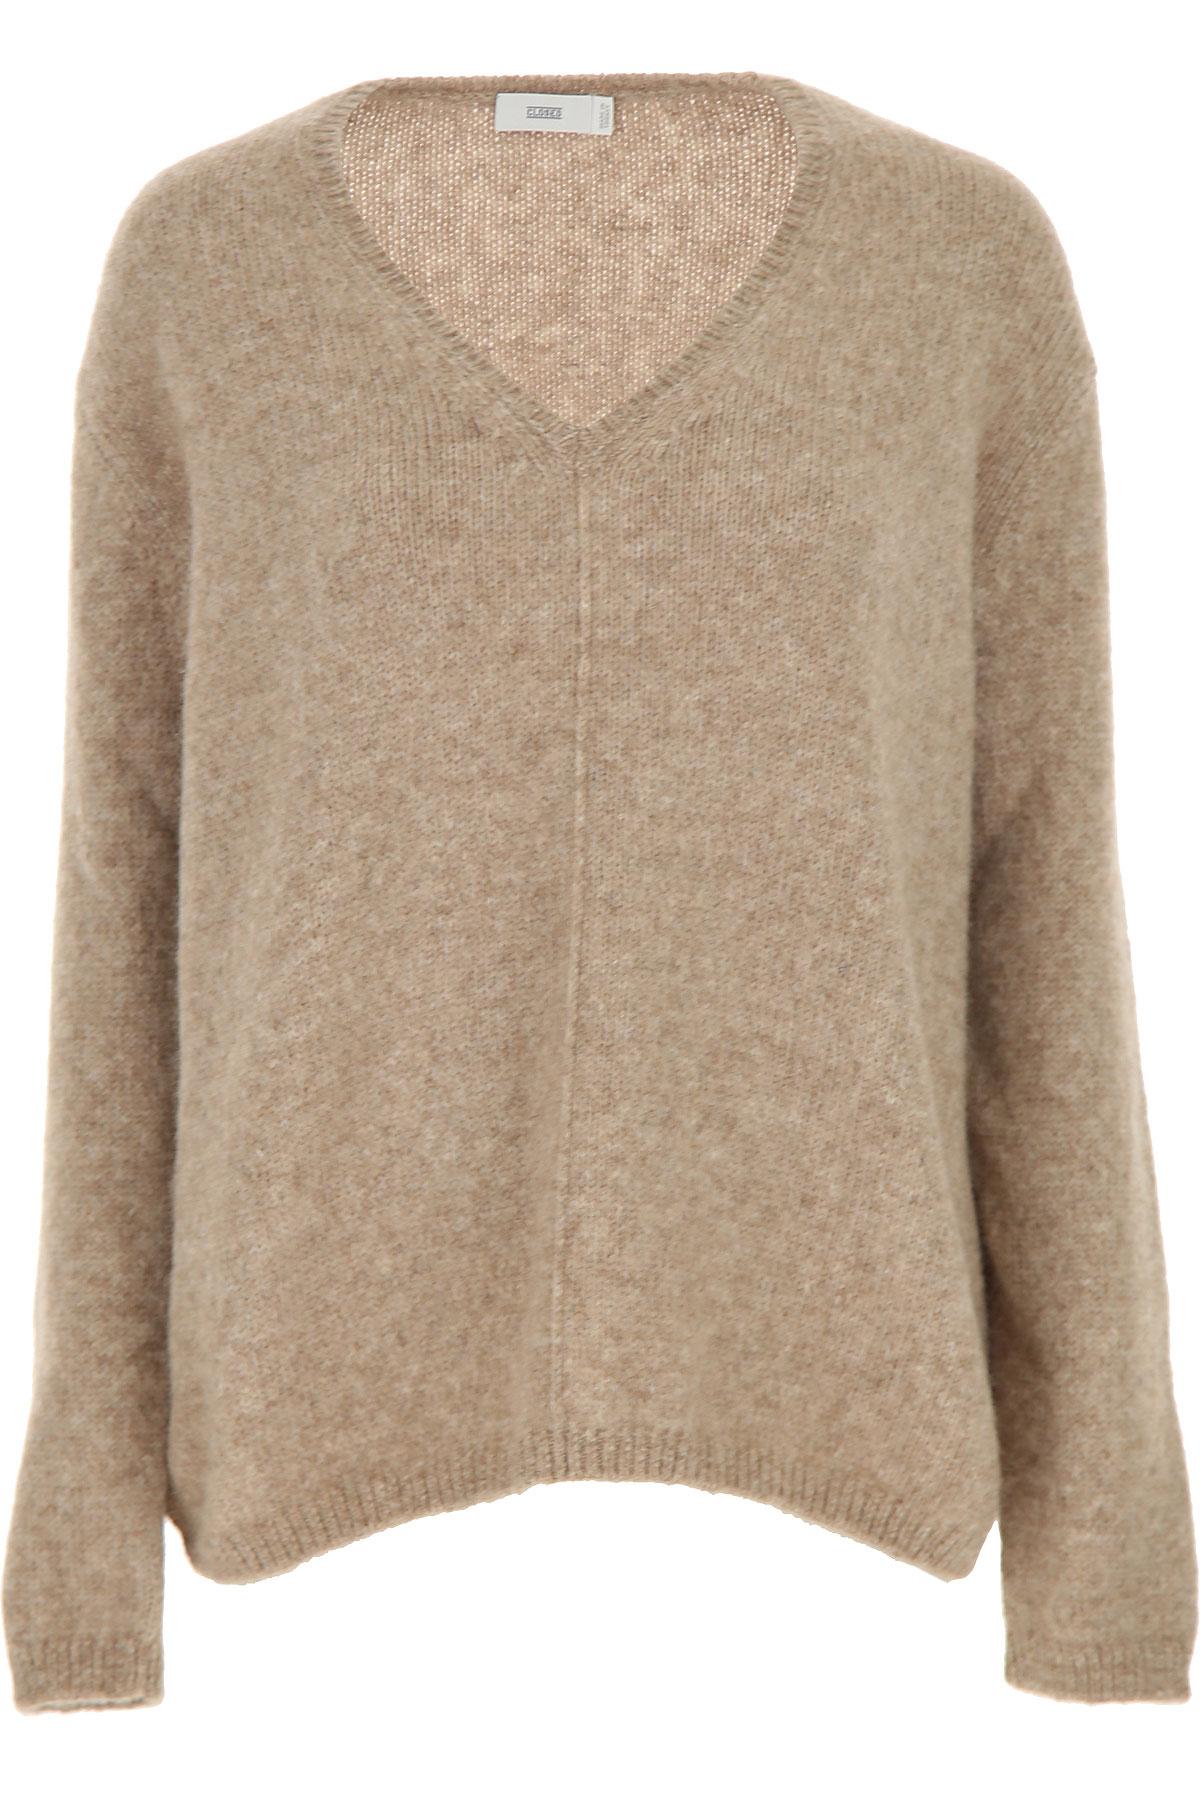 Closed Sweater for Women Jumper On Sale, Beige, alpaca, 2019, 2 4 6